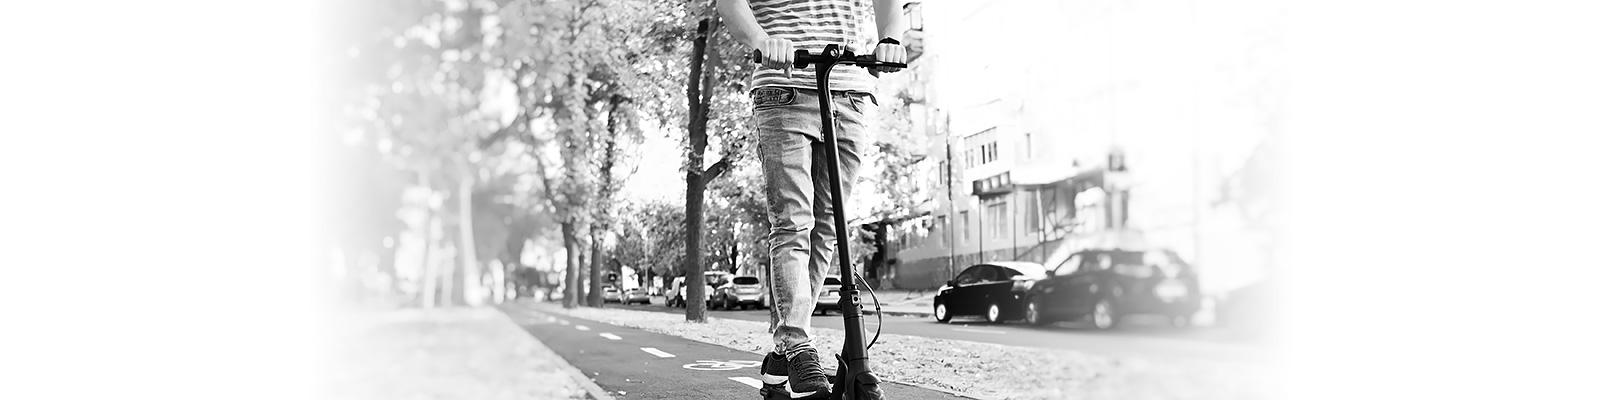 電動スクーター シェアリング イメージ